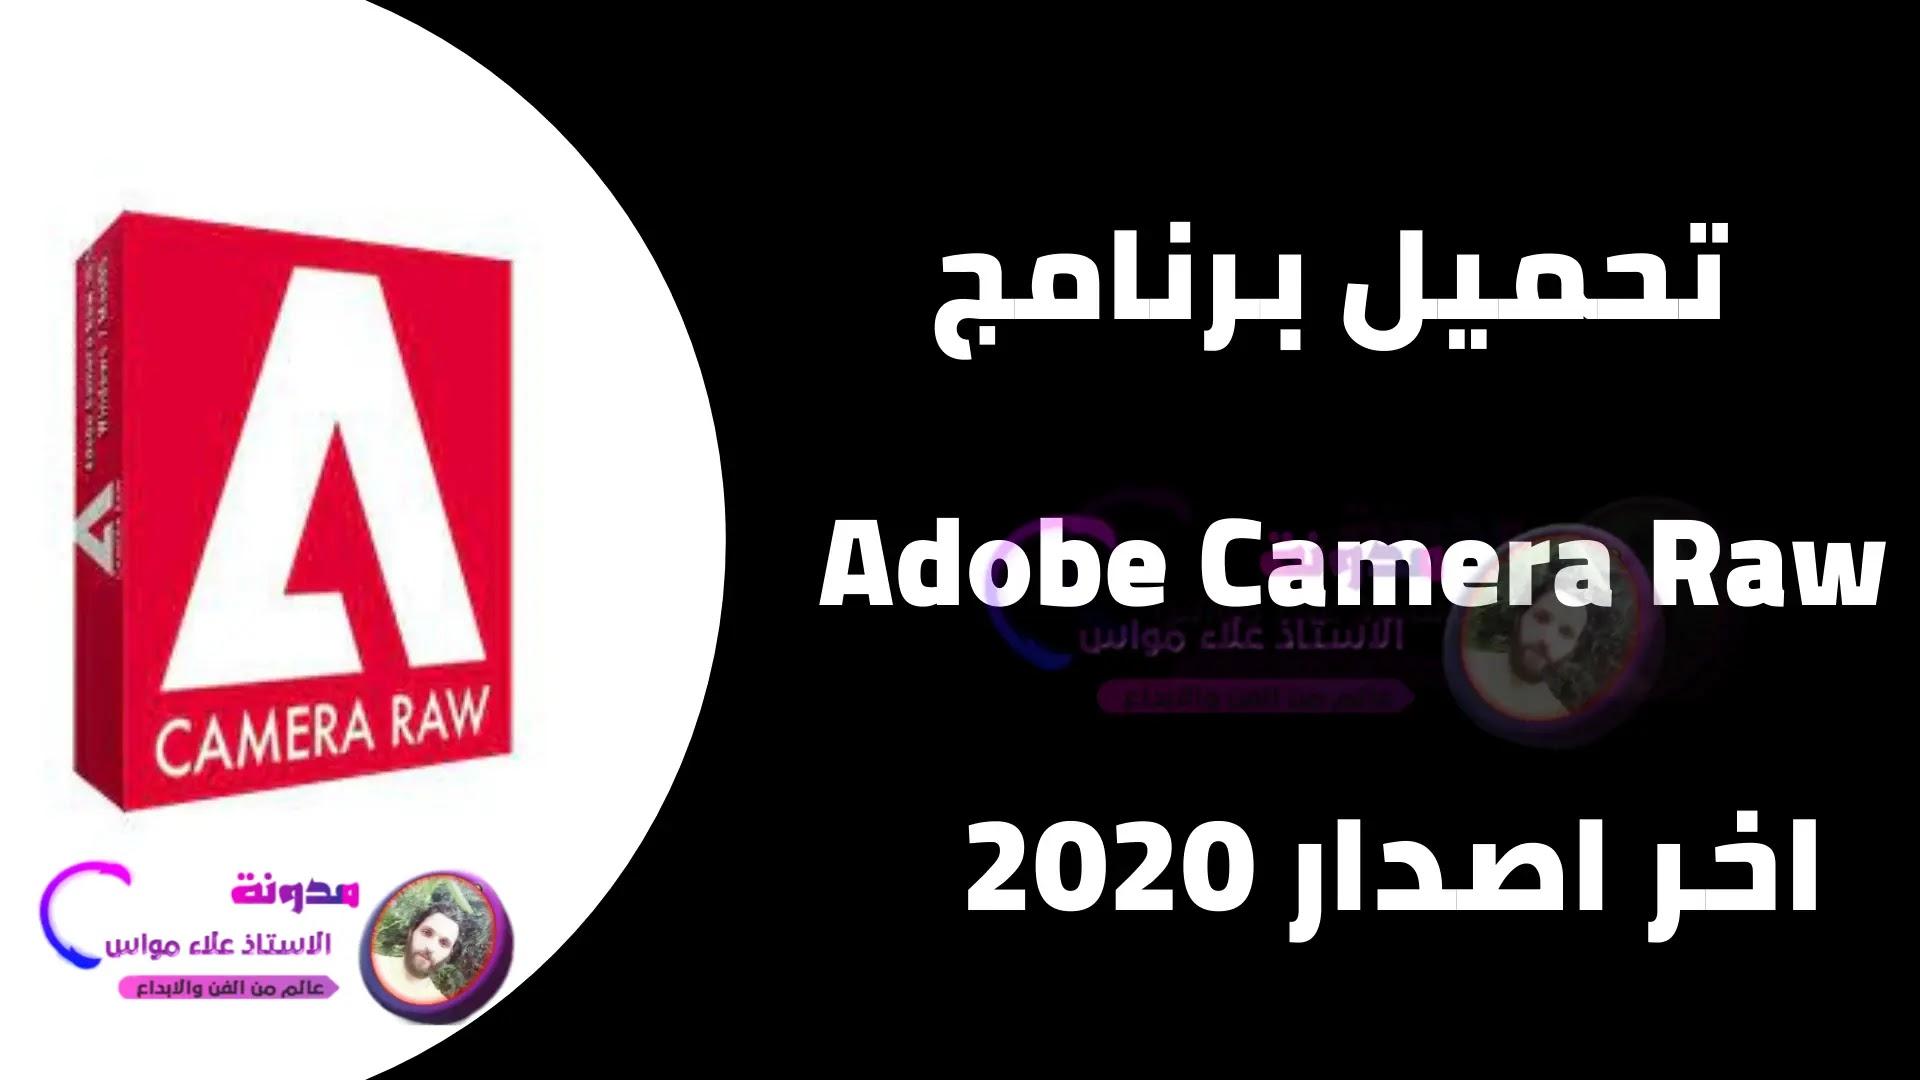 تحميل  Adobe Camera Raw 2020 لتحرير الصور للمصورين | ملحقات لبرنامج Adobe Photoshop